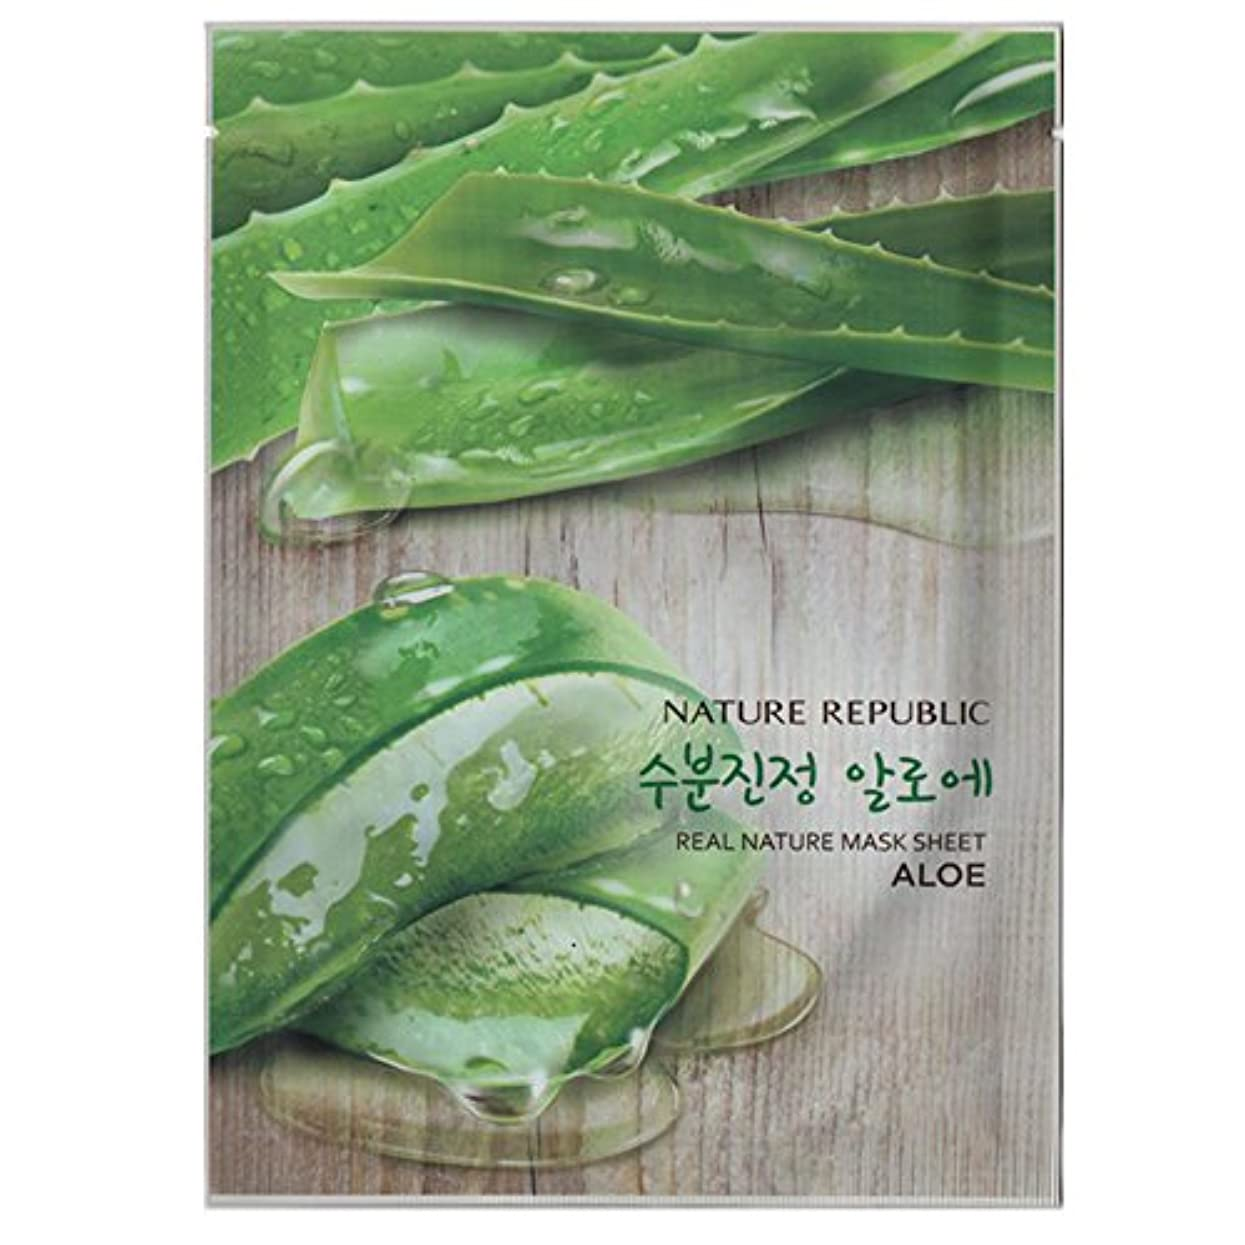 準備する色合い罪[NATURE REPUBLIC] リアルネイチャー マスクシート Real Nature Mask Sheet (Aloe (アロエ) 10個) [並行輸入品]